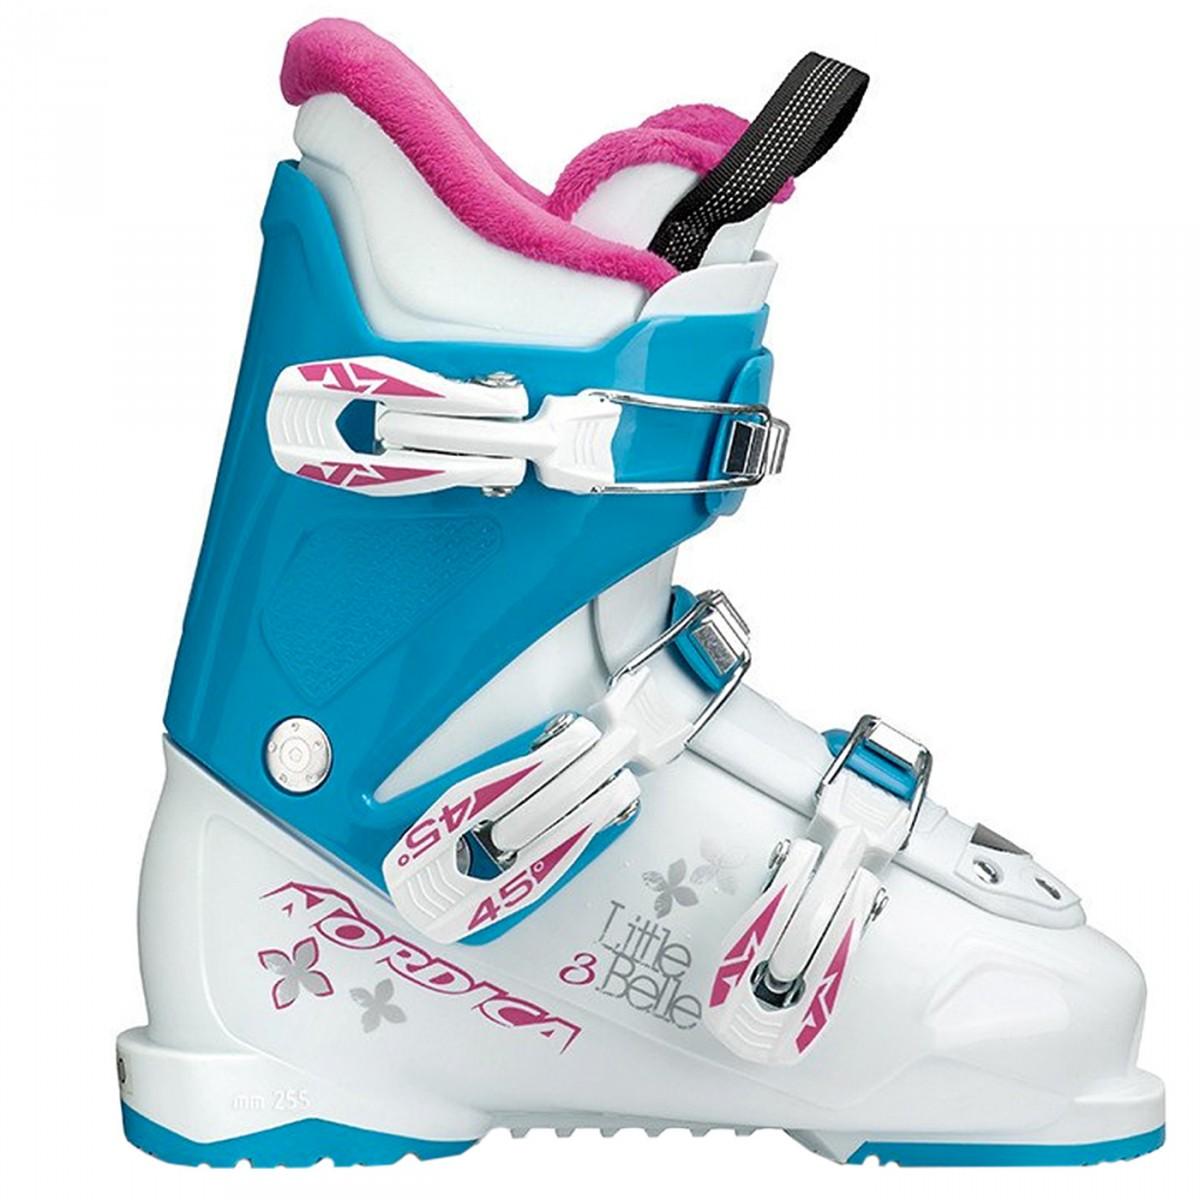 Scarponi sci Nordica Little Belle 3 (Colore: bianco-viola, Taglia: 20)